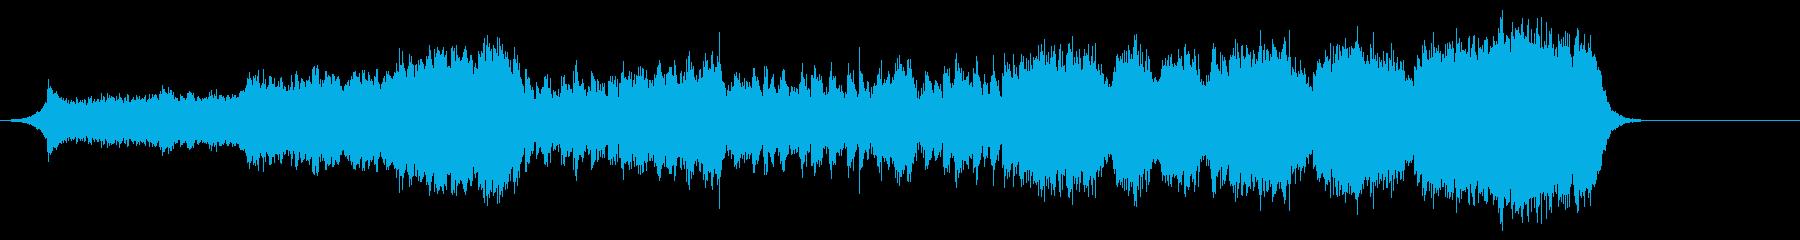 アクションゲーム風の音楽の再生済みの波形